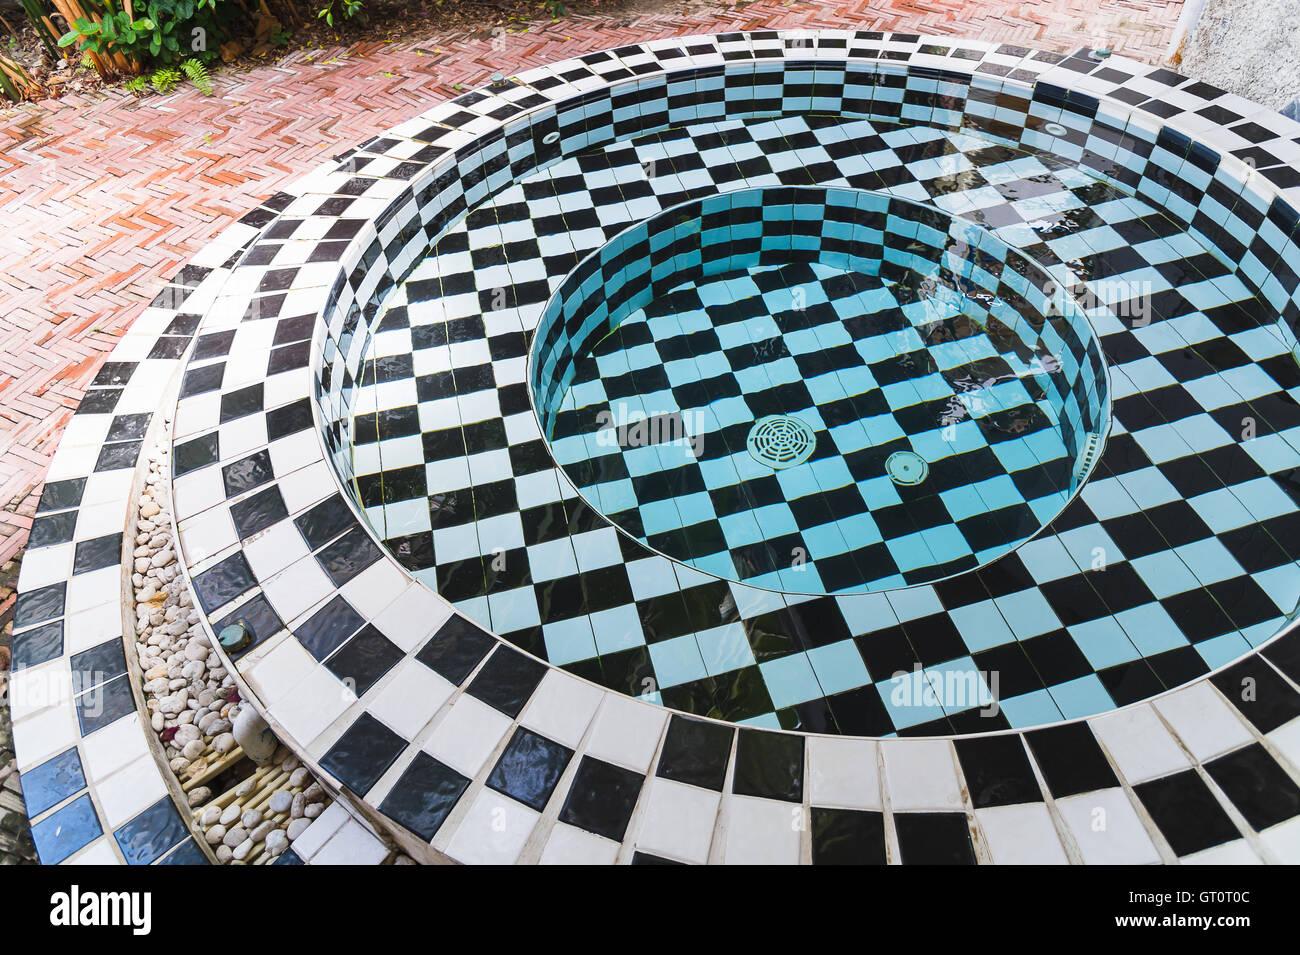 jacuzzi pool - Stock Image